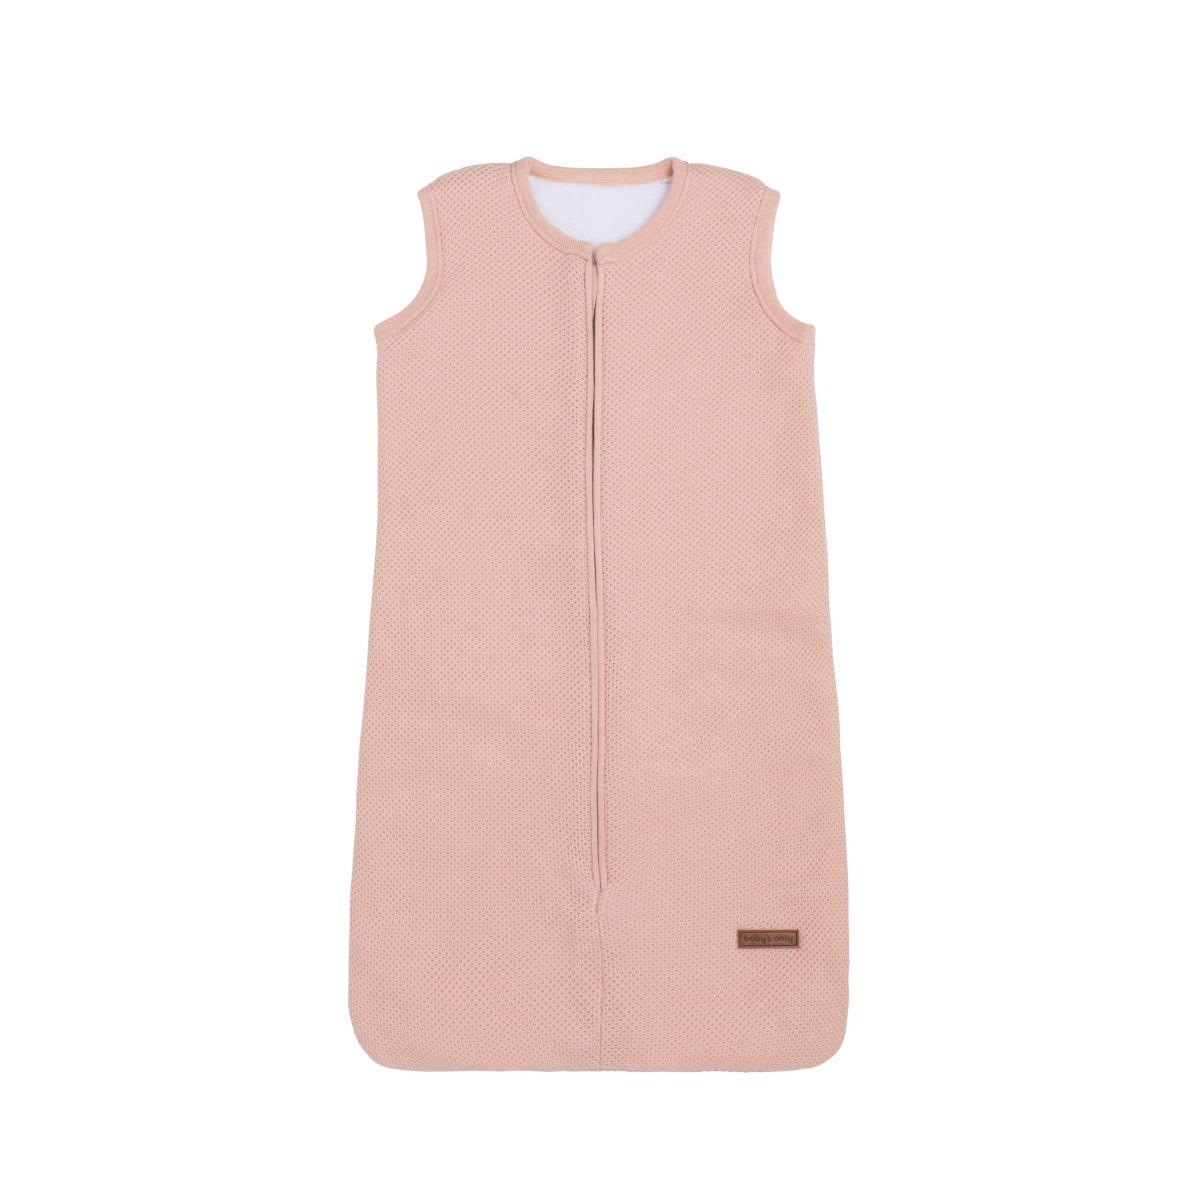 sleeping bag teddy classic blush 70 cm